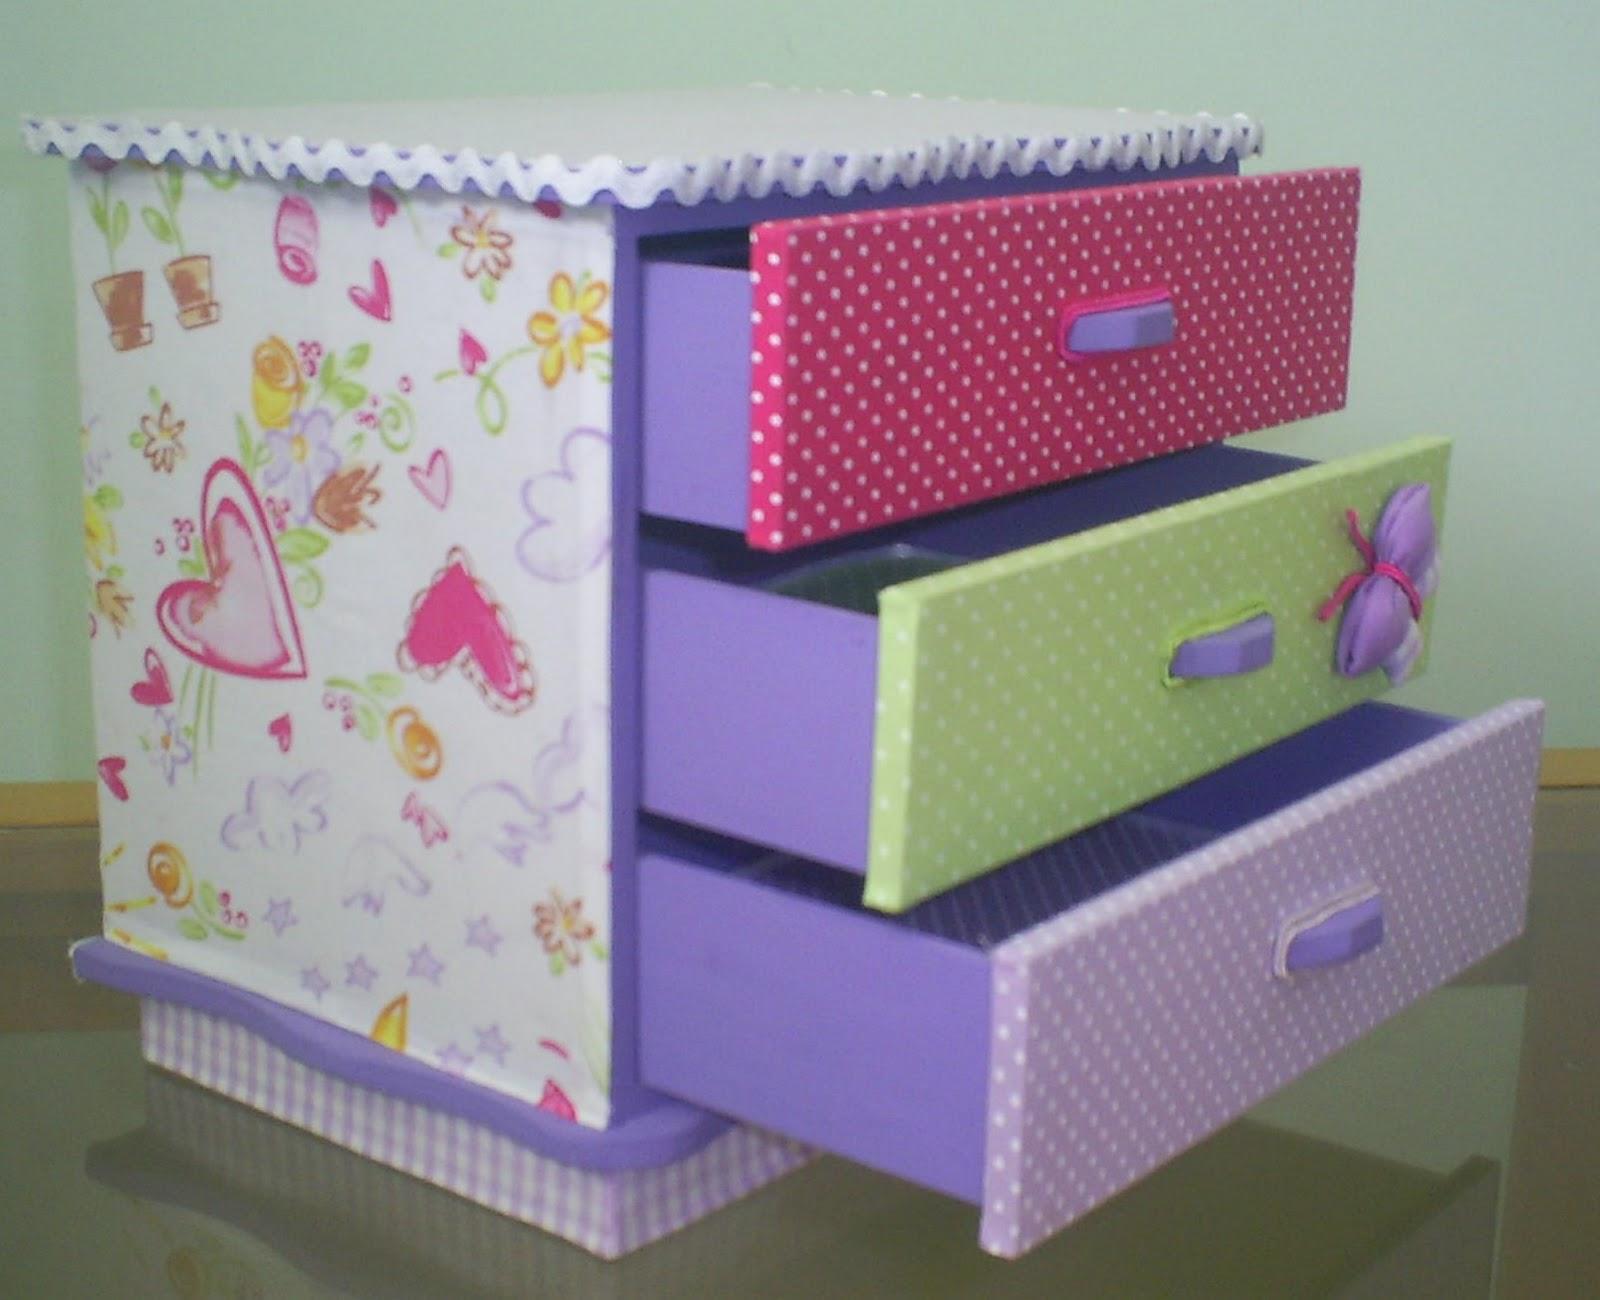 Presentes Exclusivos e Personalizados: Mini Cômoda forrada com tecido #8E3D64 1600x1300